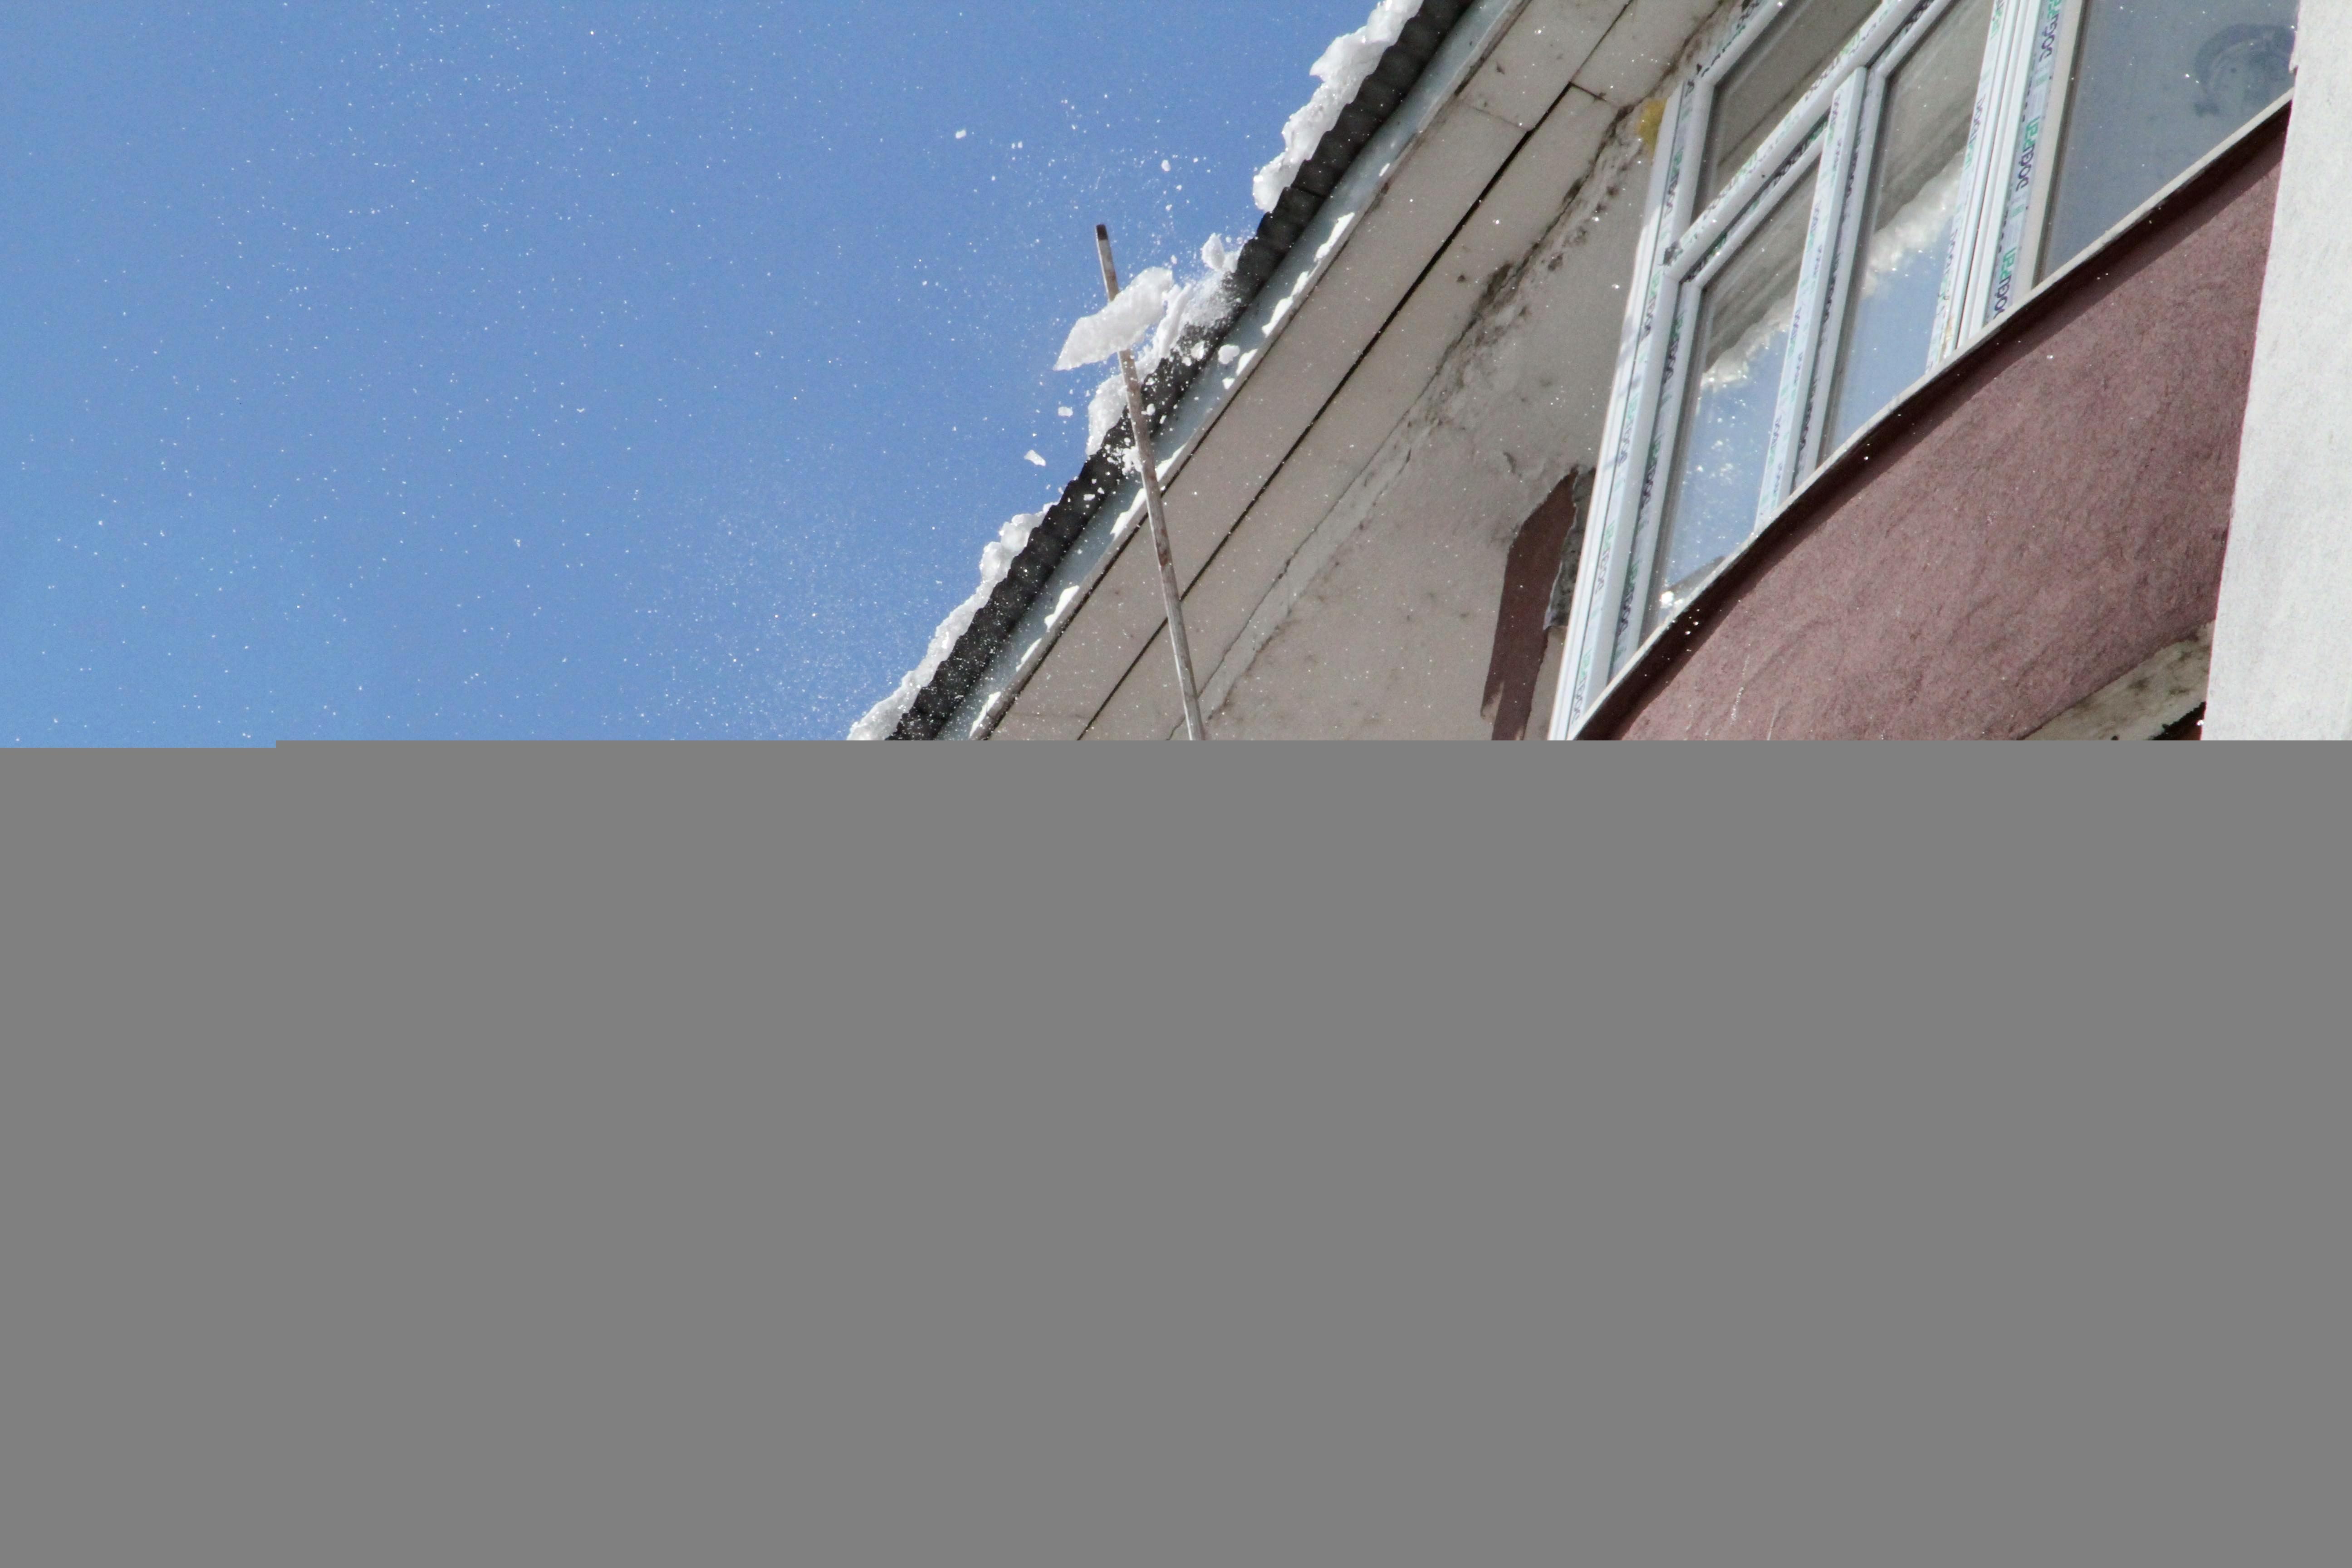 Buz tutan camlara ütü bile fayda etmedi